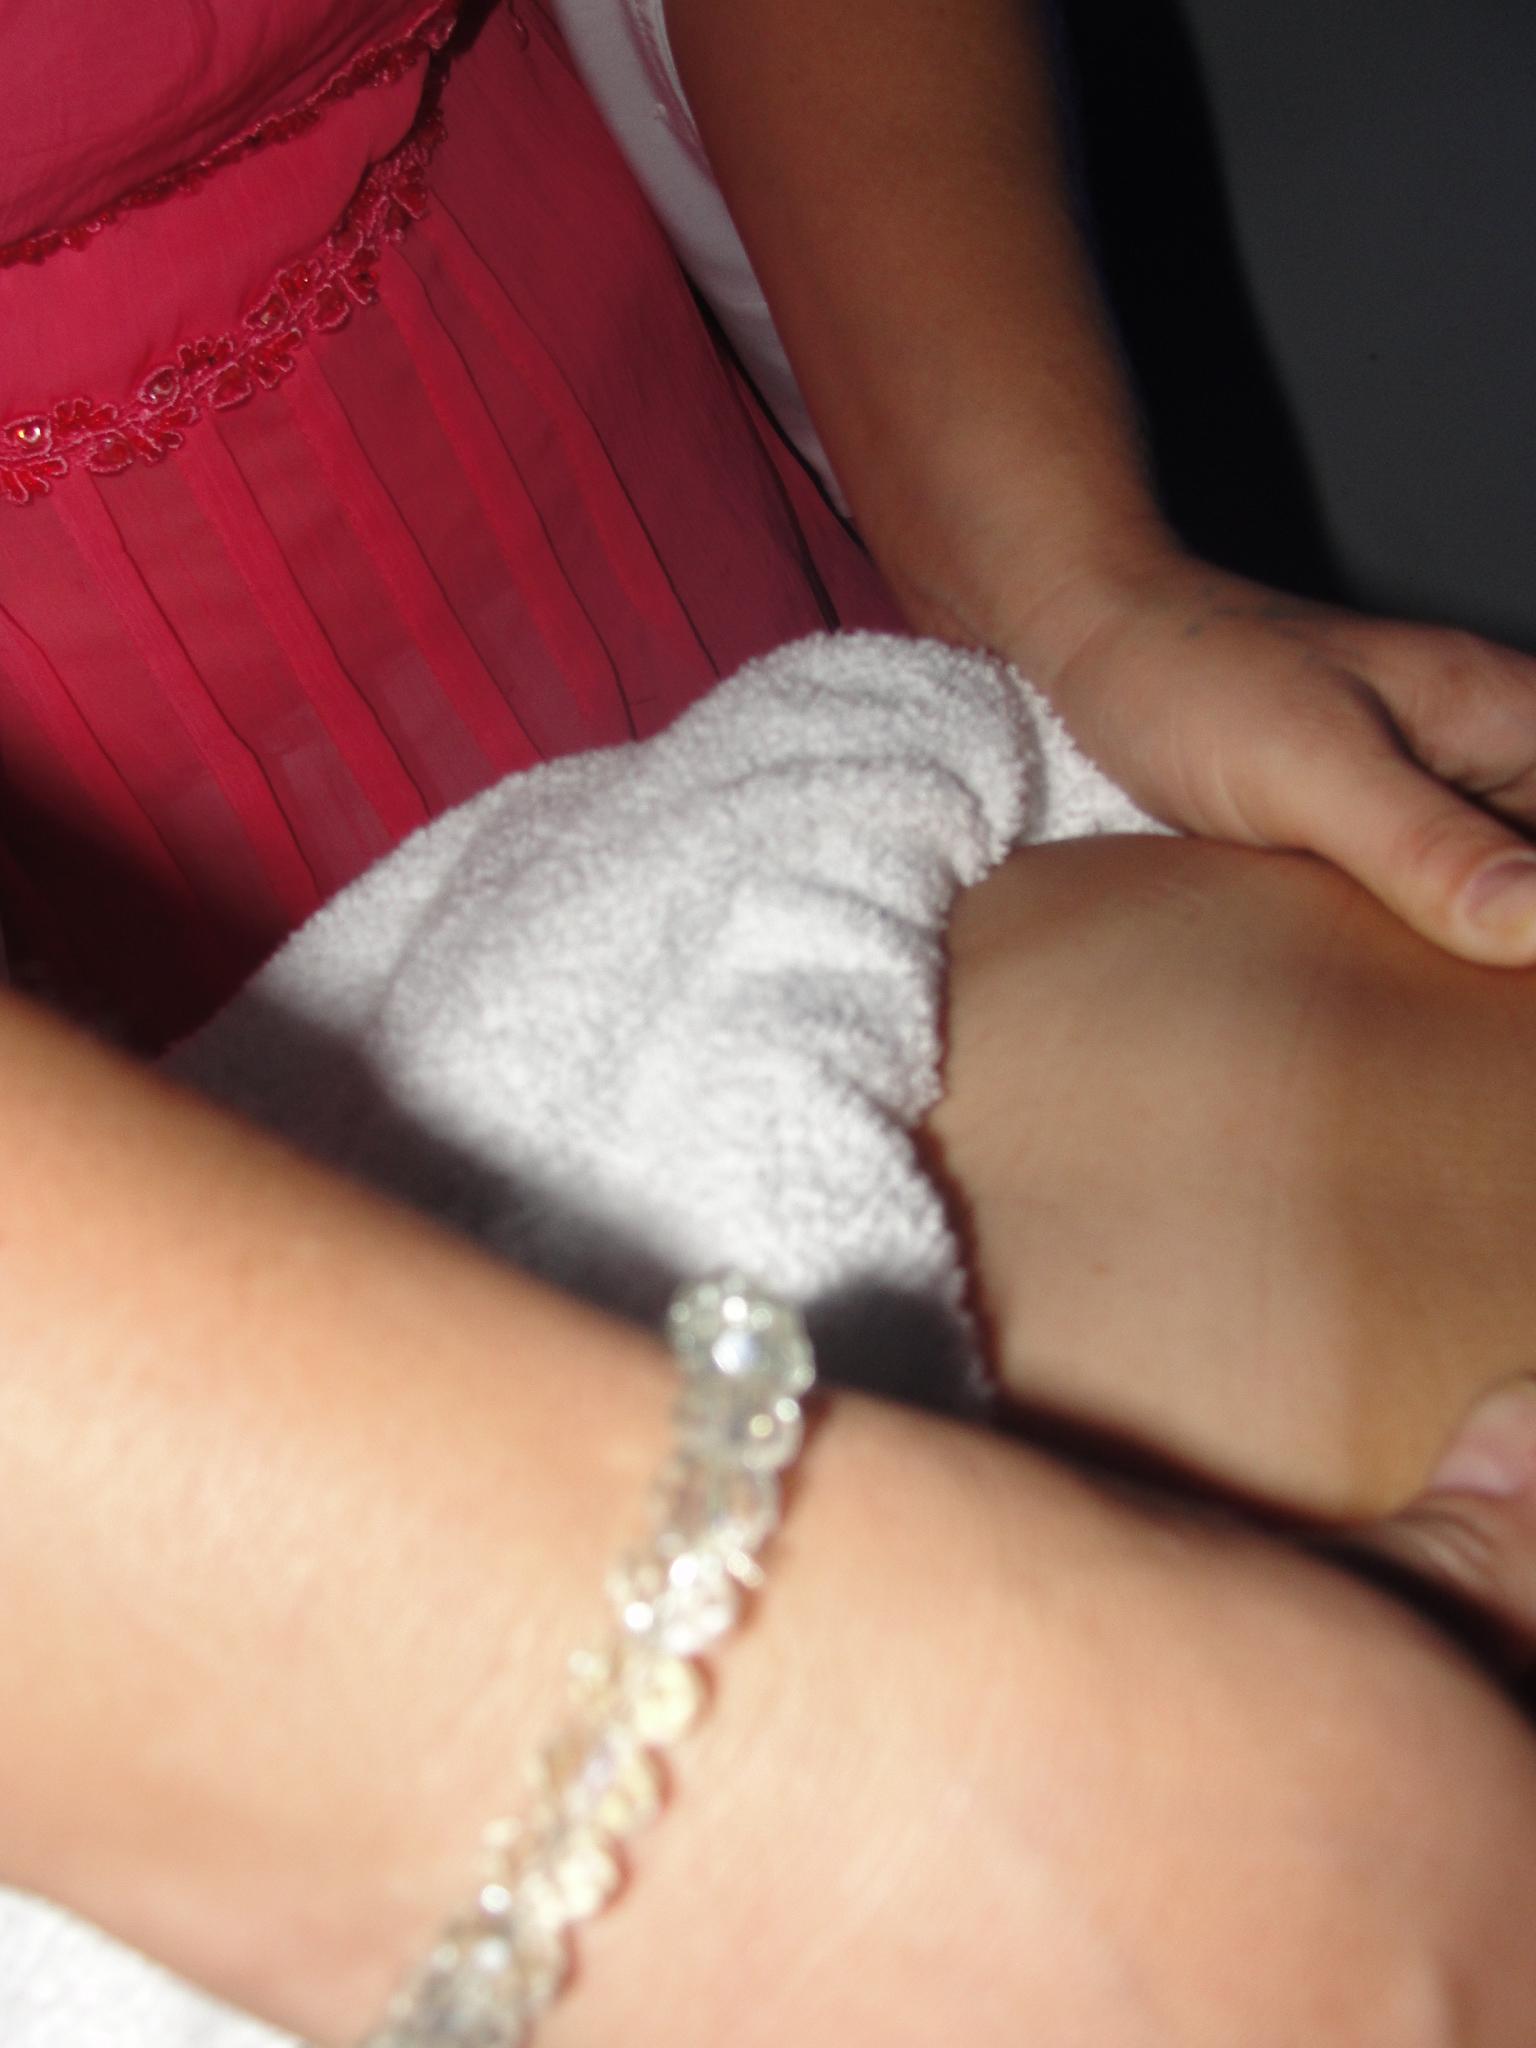 Massagem do prazer was good